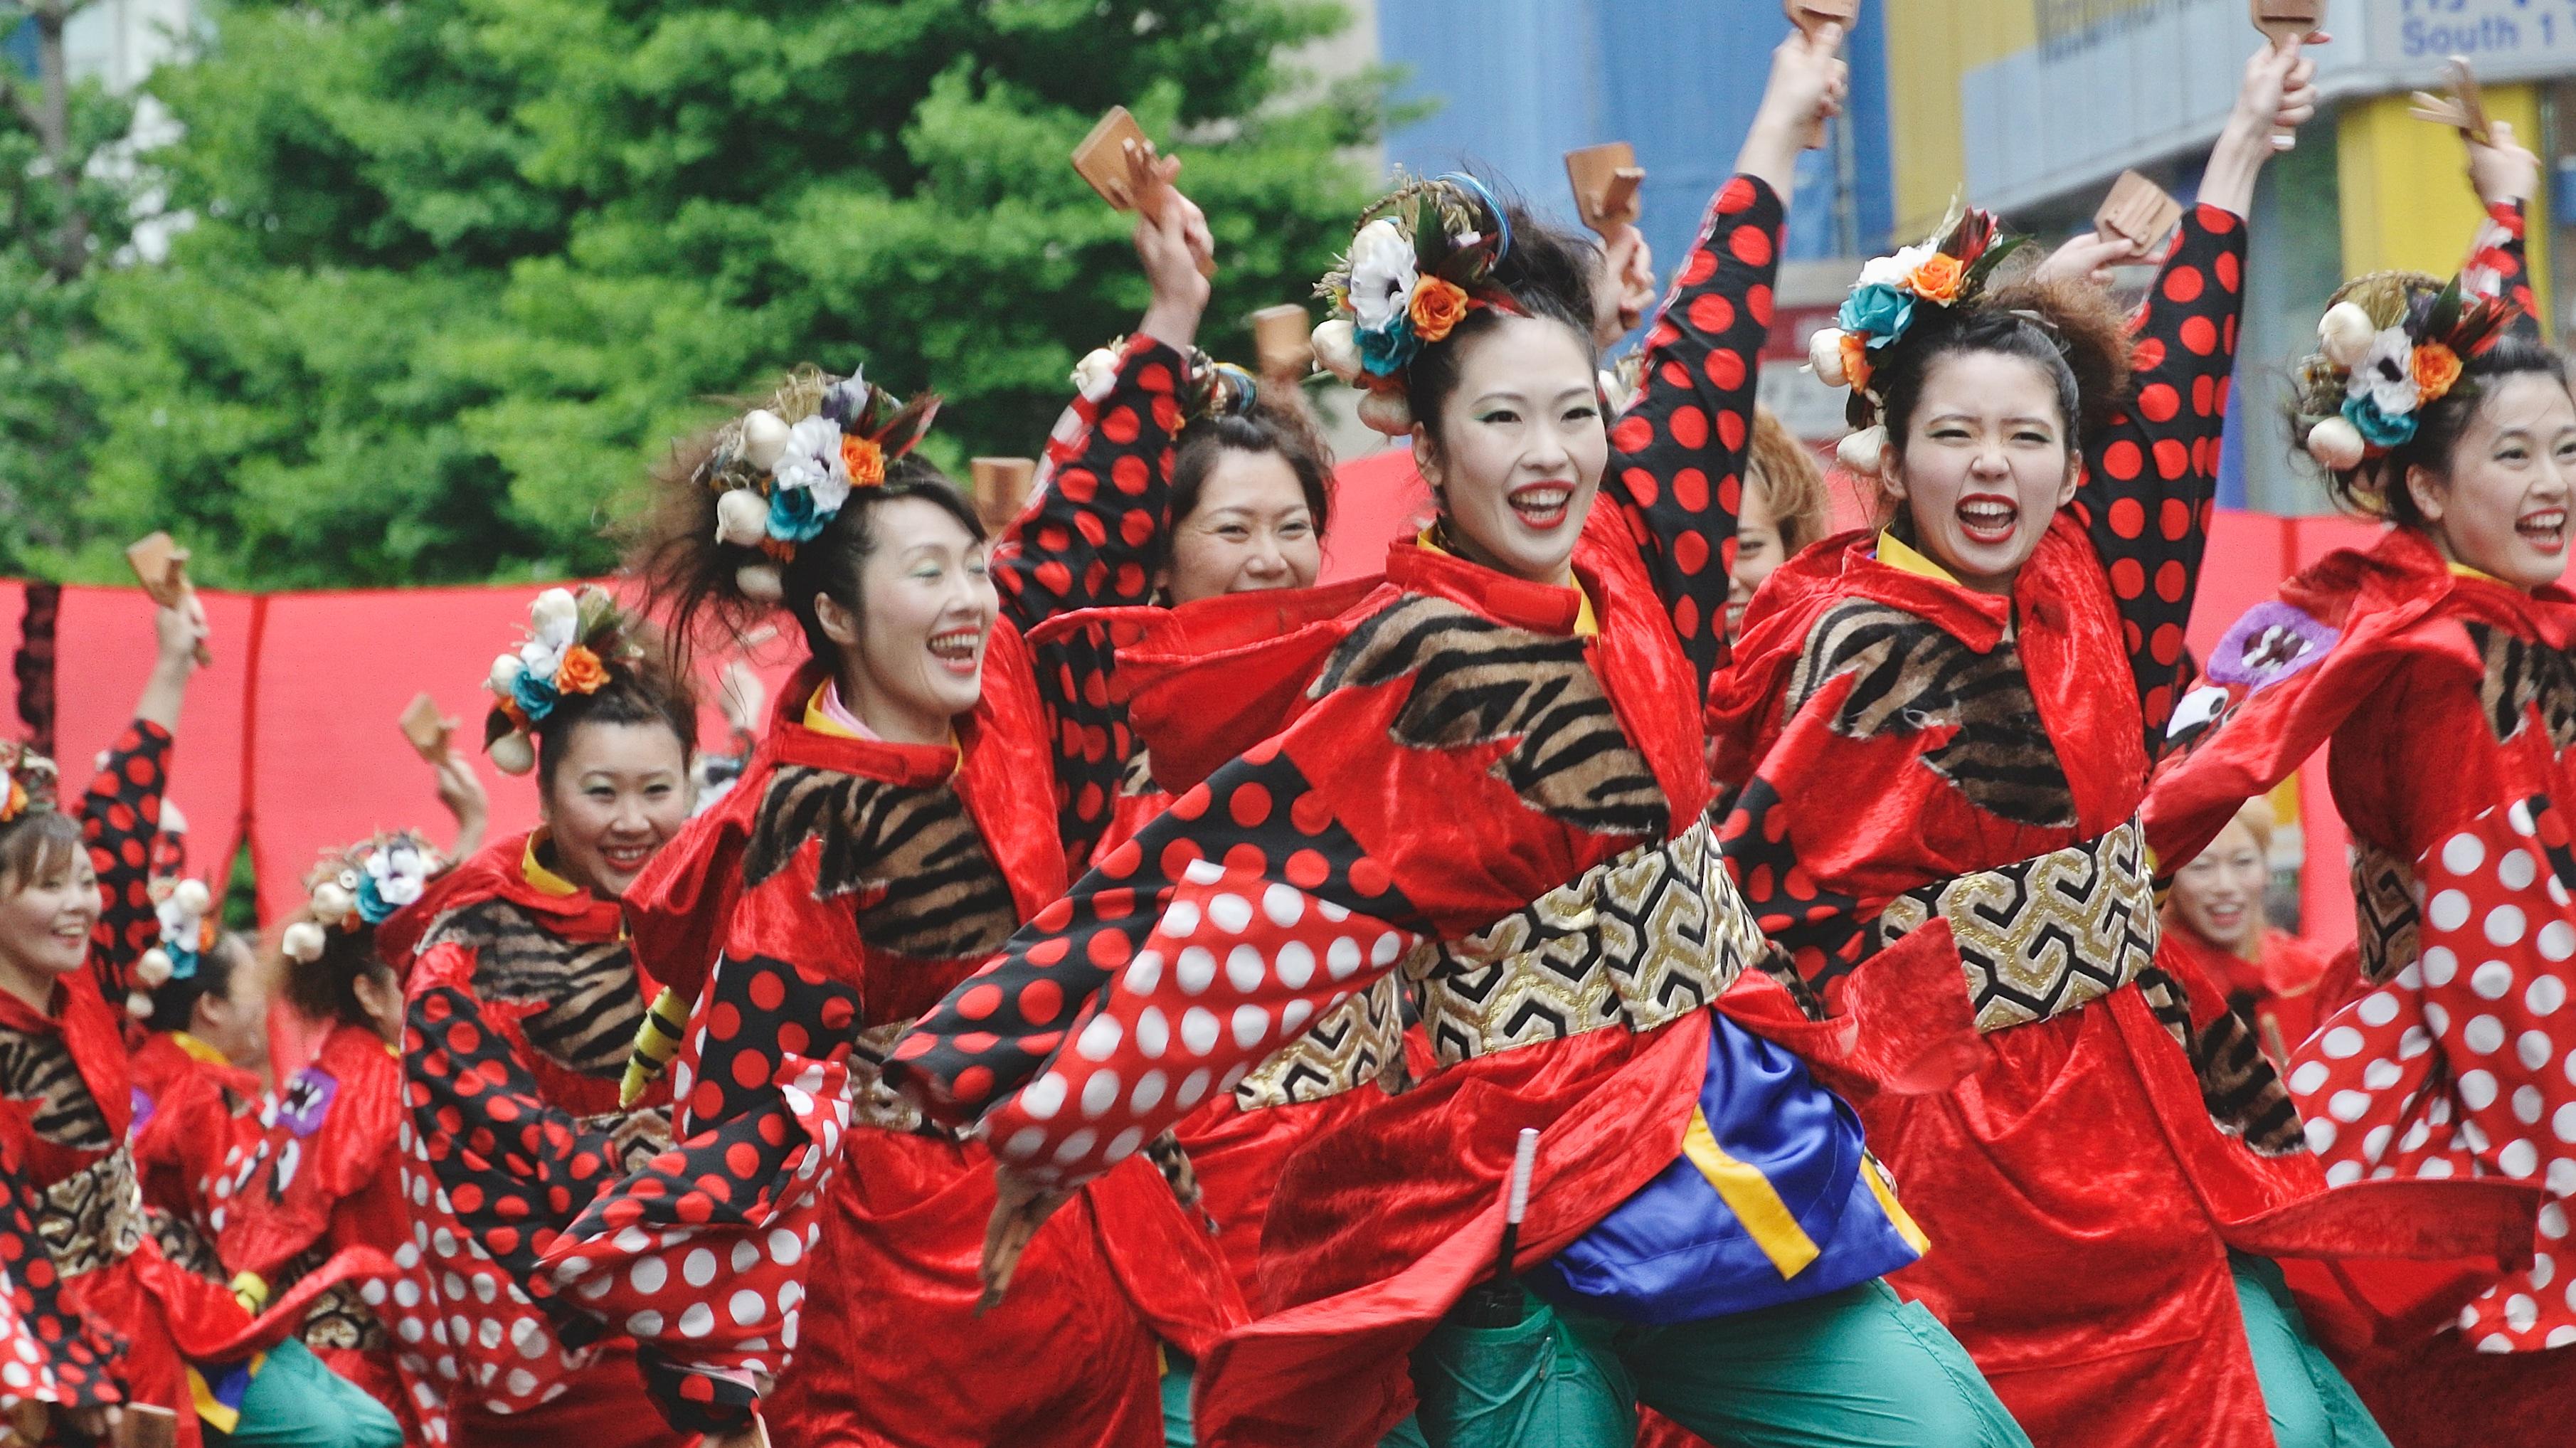 Du lịch Nhật Bản thời điểm nào đẹp nhất | lễ hội ở nhật bản